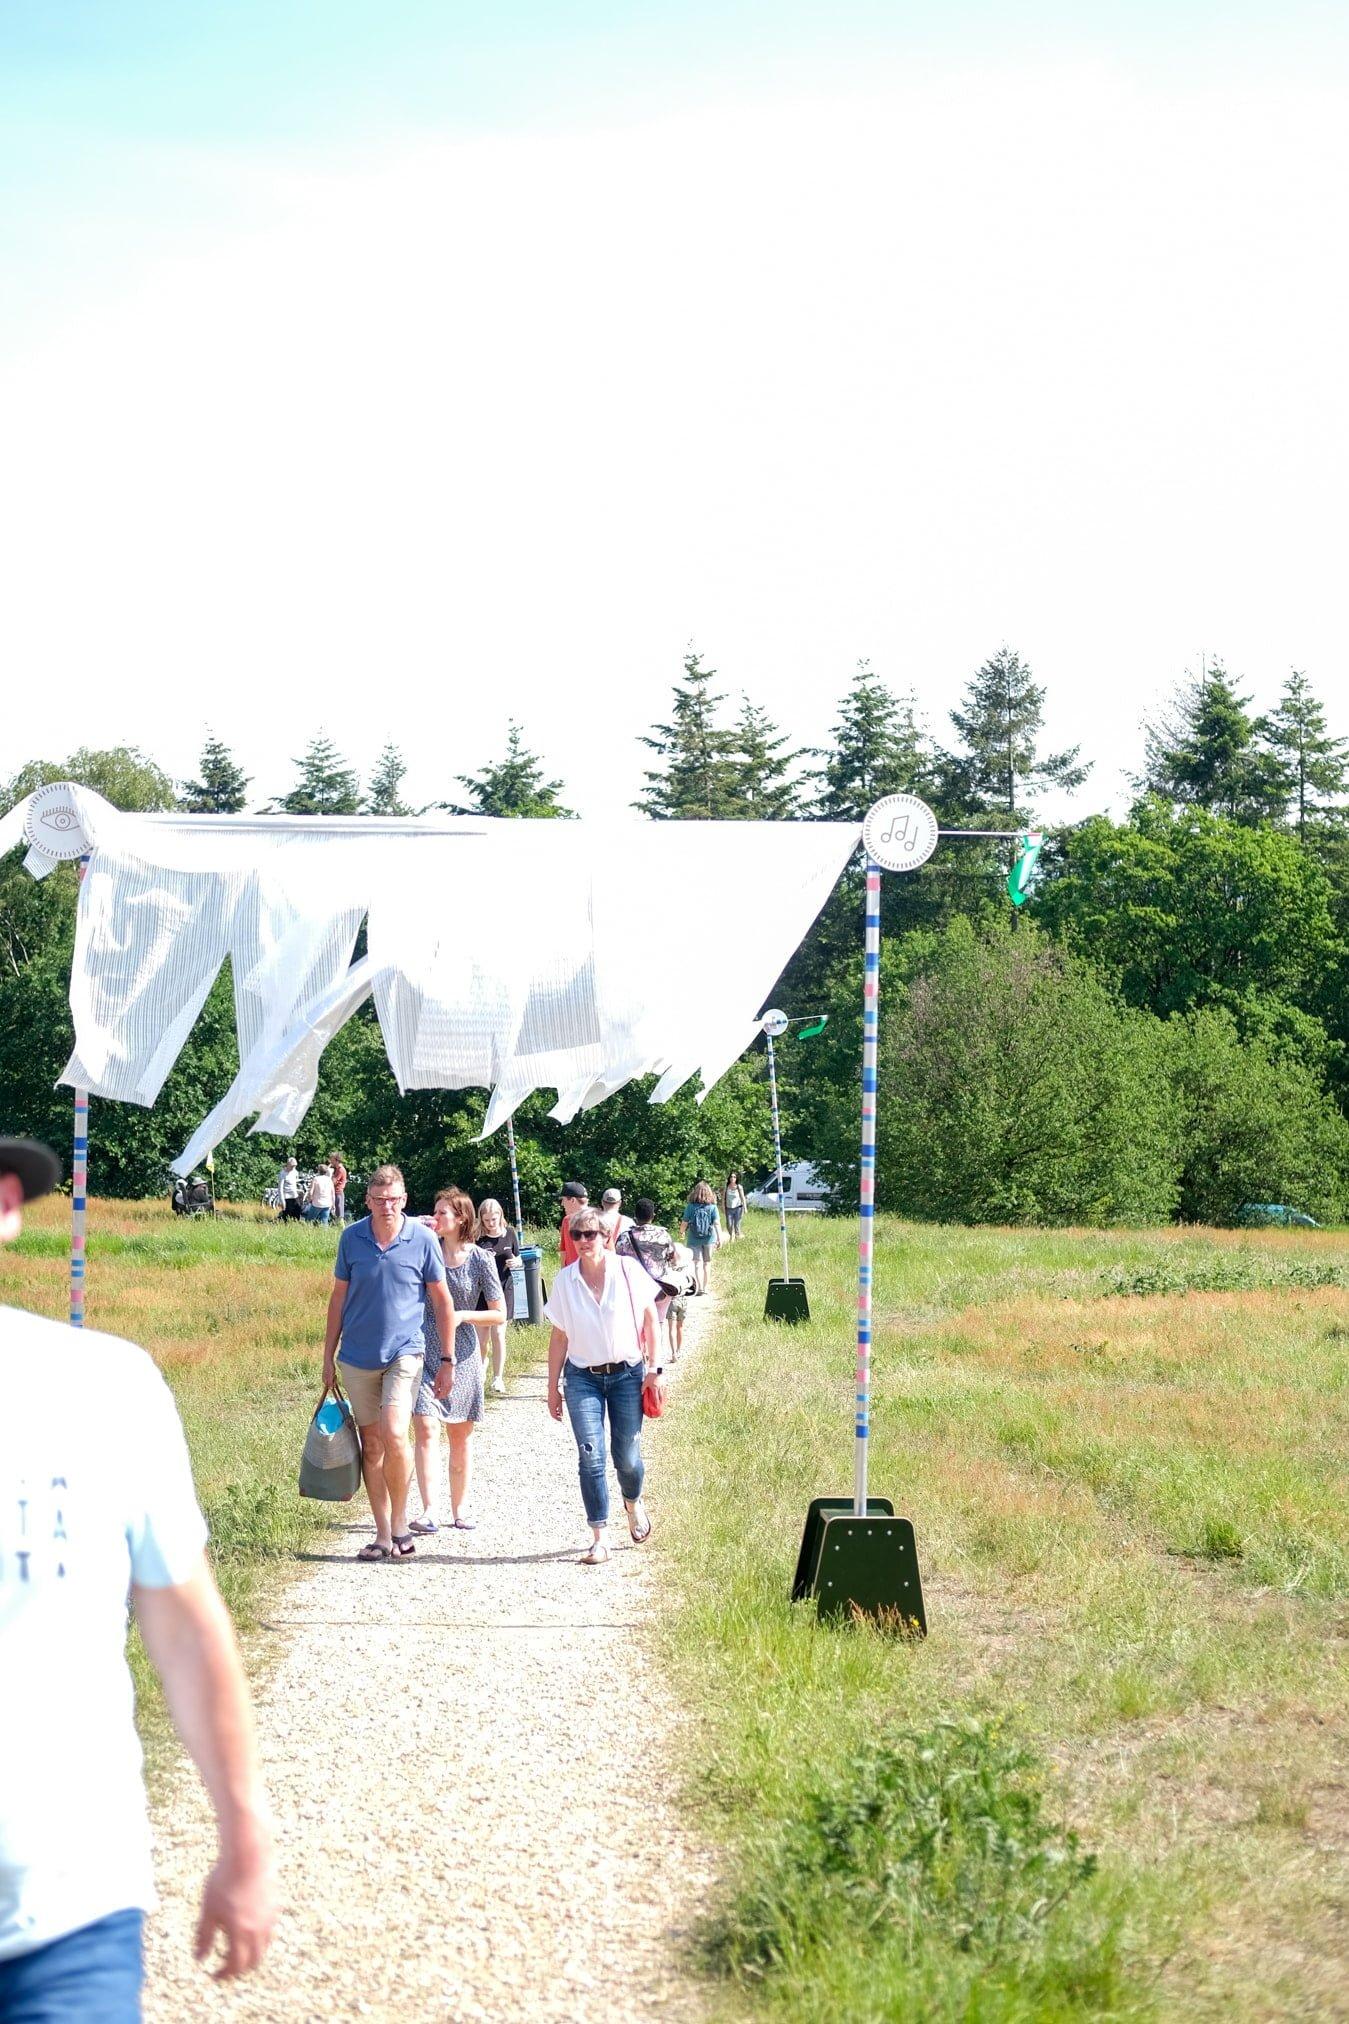 zomer festival arnhem